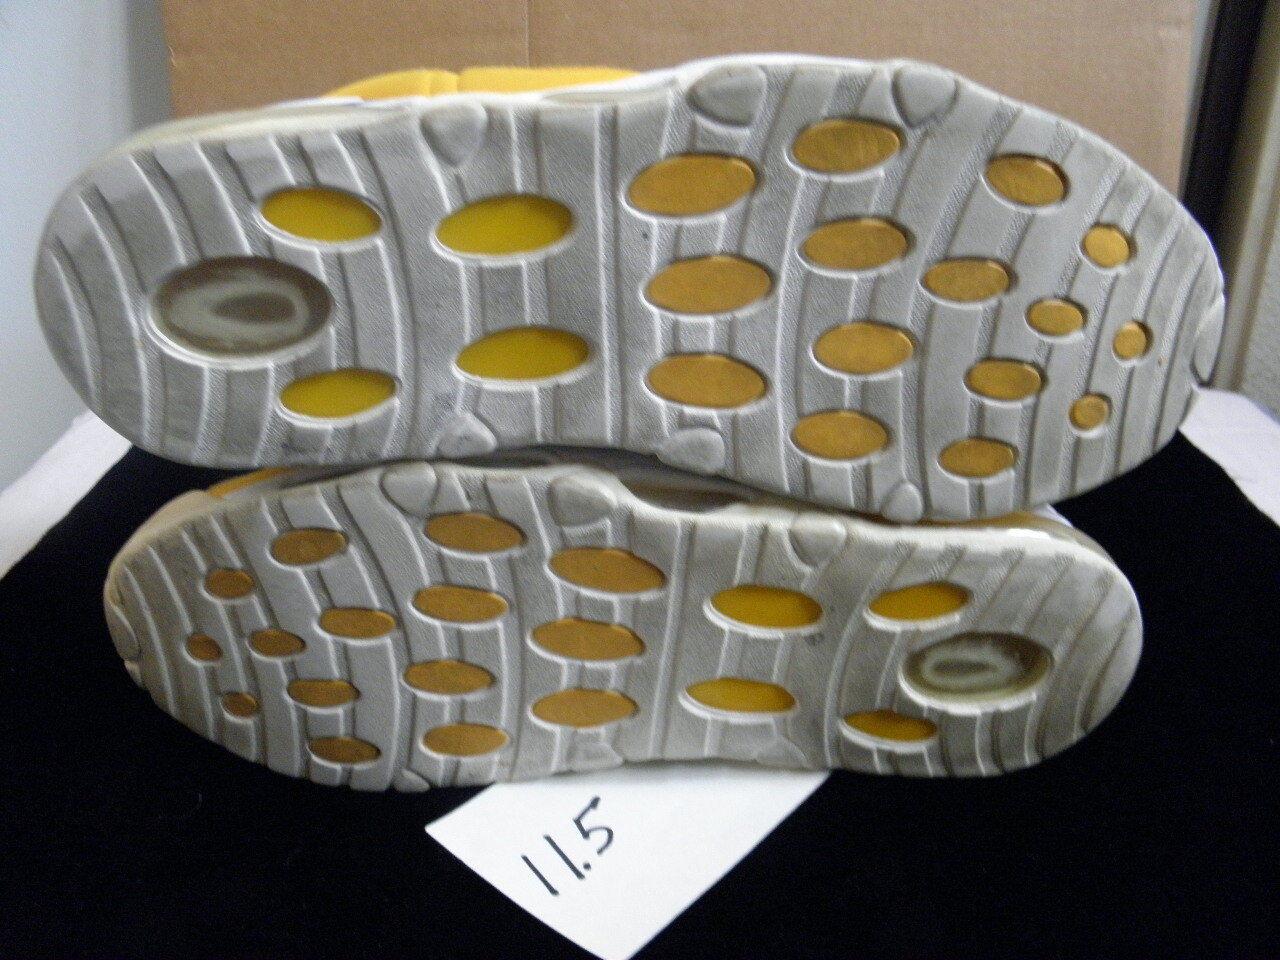 Nike Air Max Uptempo Tempo '95 Derek Fisher Home PE OG Original sz 11.5 Pippen